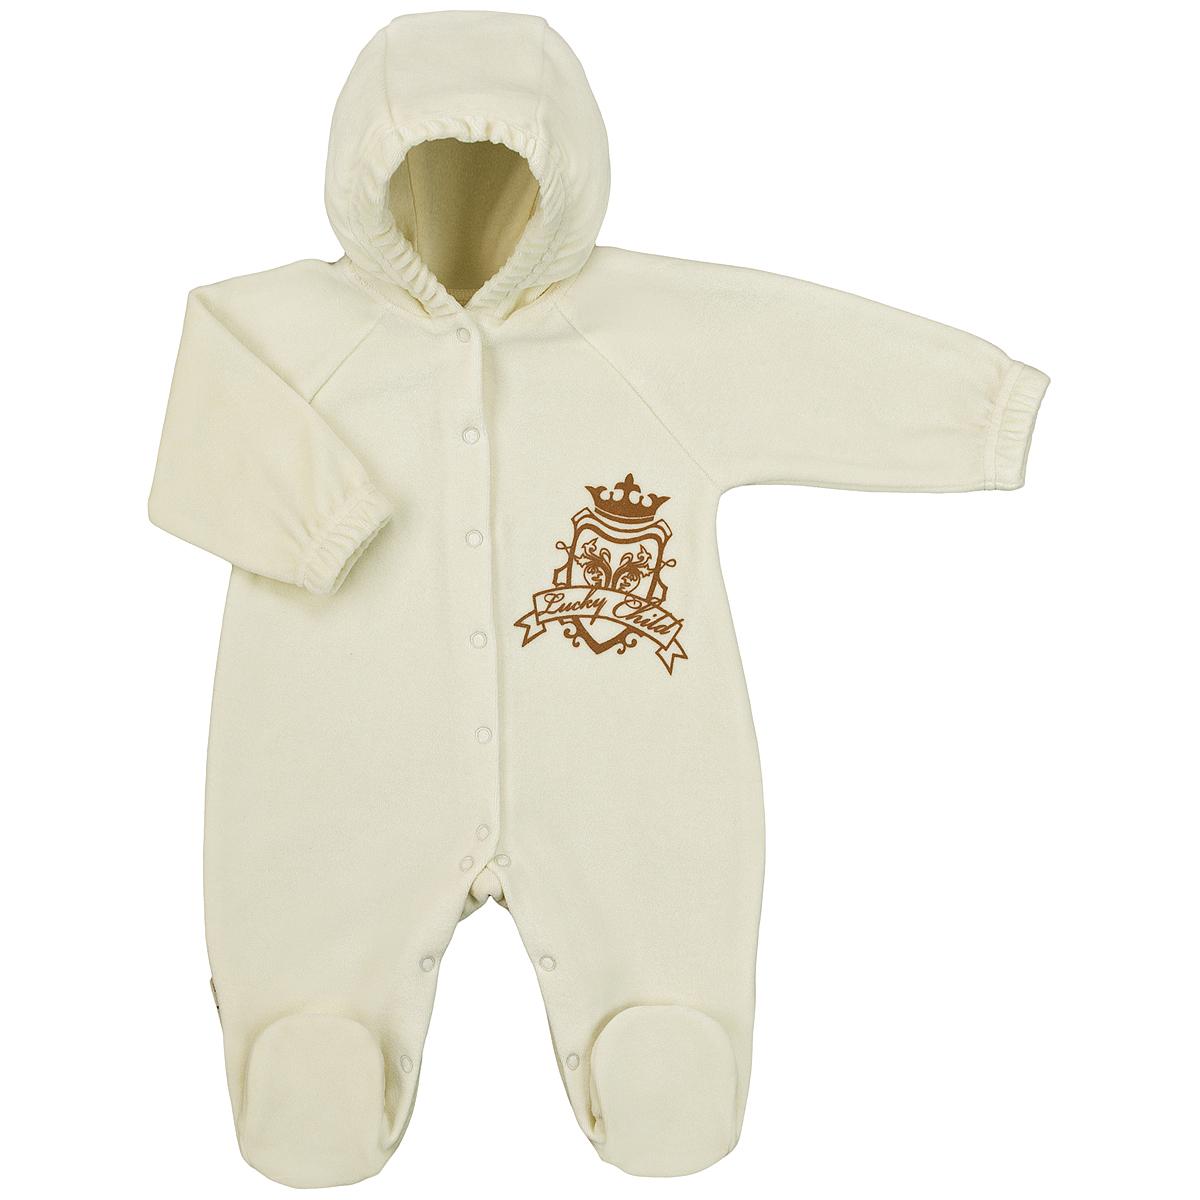 Комбинезон детский Lucky Child, цвет: экрю. 2-21. Размер 74/802-21Детский комбинезон с капюшоном Lucky Child - очень удобный и практичный вид одежды для малышей. Комбинезон выполнен из велюра, благодаря чему он необычайно мягкий и приятный на ощупь, не раздражают нежную кожу ребенка и хорошо вентилируются, а эластичные швы приятны телу малыша и не препятствуют его движениям. Комбинезон с длинными рукавами-реглан и закрытыми ножками имеет застежки-кнопки по центру от горловины до щиколоток, которые помогают легко переодеть младенца или сменить подгузник. На груди он оформлен оригинальным принтом в виде логотипа бренда. Рукава понизу дополнены неширокими эластичными манжетами, не перетягивающими запястья. С детским комбинезоном Lucky Child спинка и ножки вашего малыша всегда будут в тепле. Комбинезон полностью соответствует особенностям жизни младенца в ранний период, не стесняя и не ограничивая его в движениях!